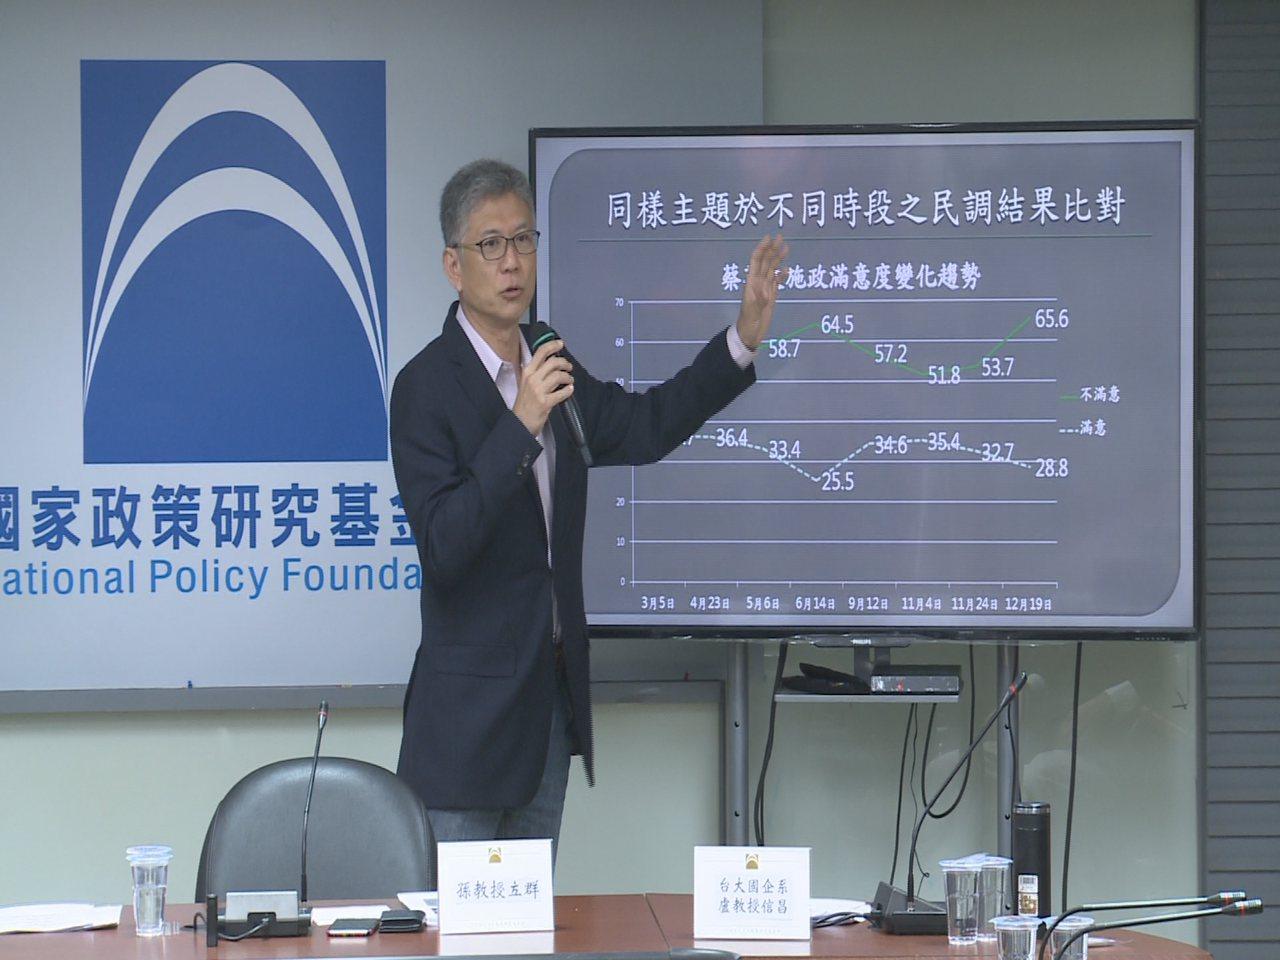 智庫執行長孫立群指出,民眾對蔡英文執政1半年來的施政表現不滿意比率高達65%。